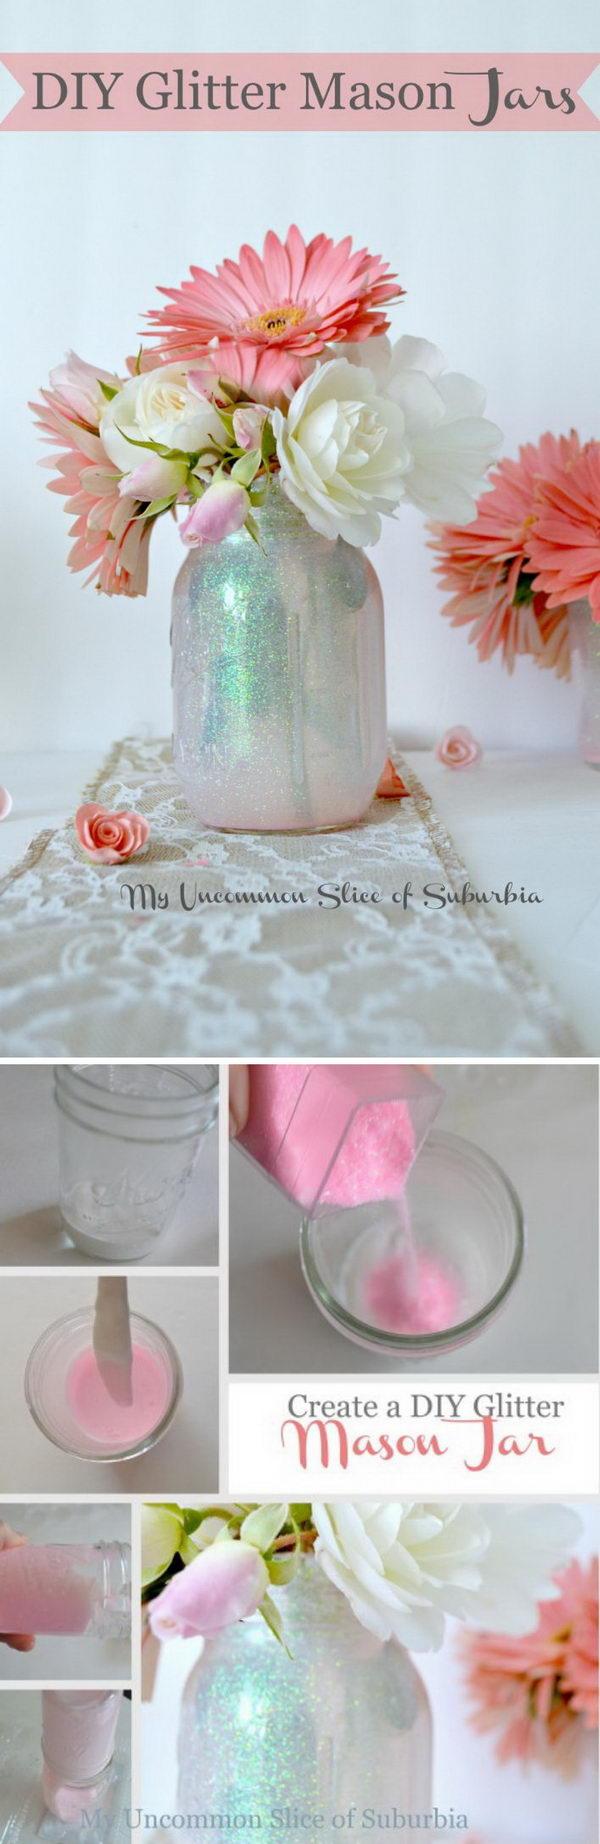 DIY Glitter Mason Jar.